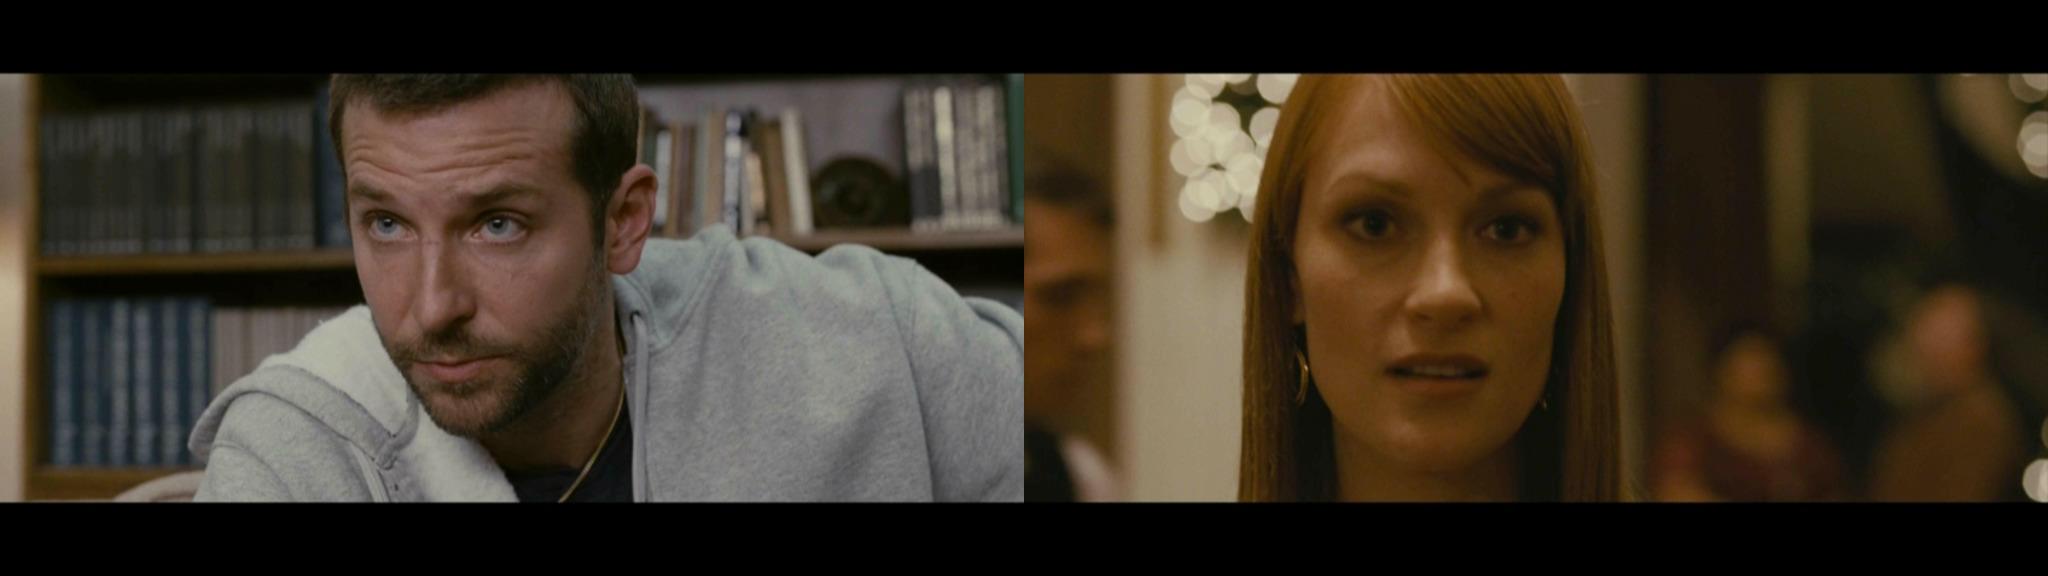 Тест: Ты и твой возлюбленный, с персонажами какого фильма вы схожи?